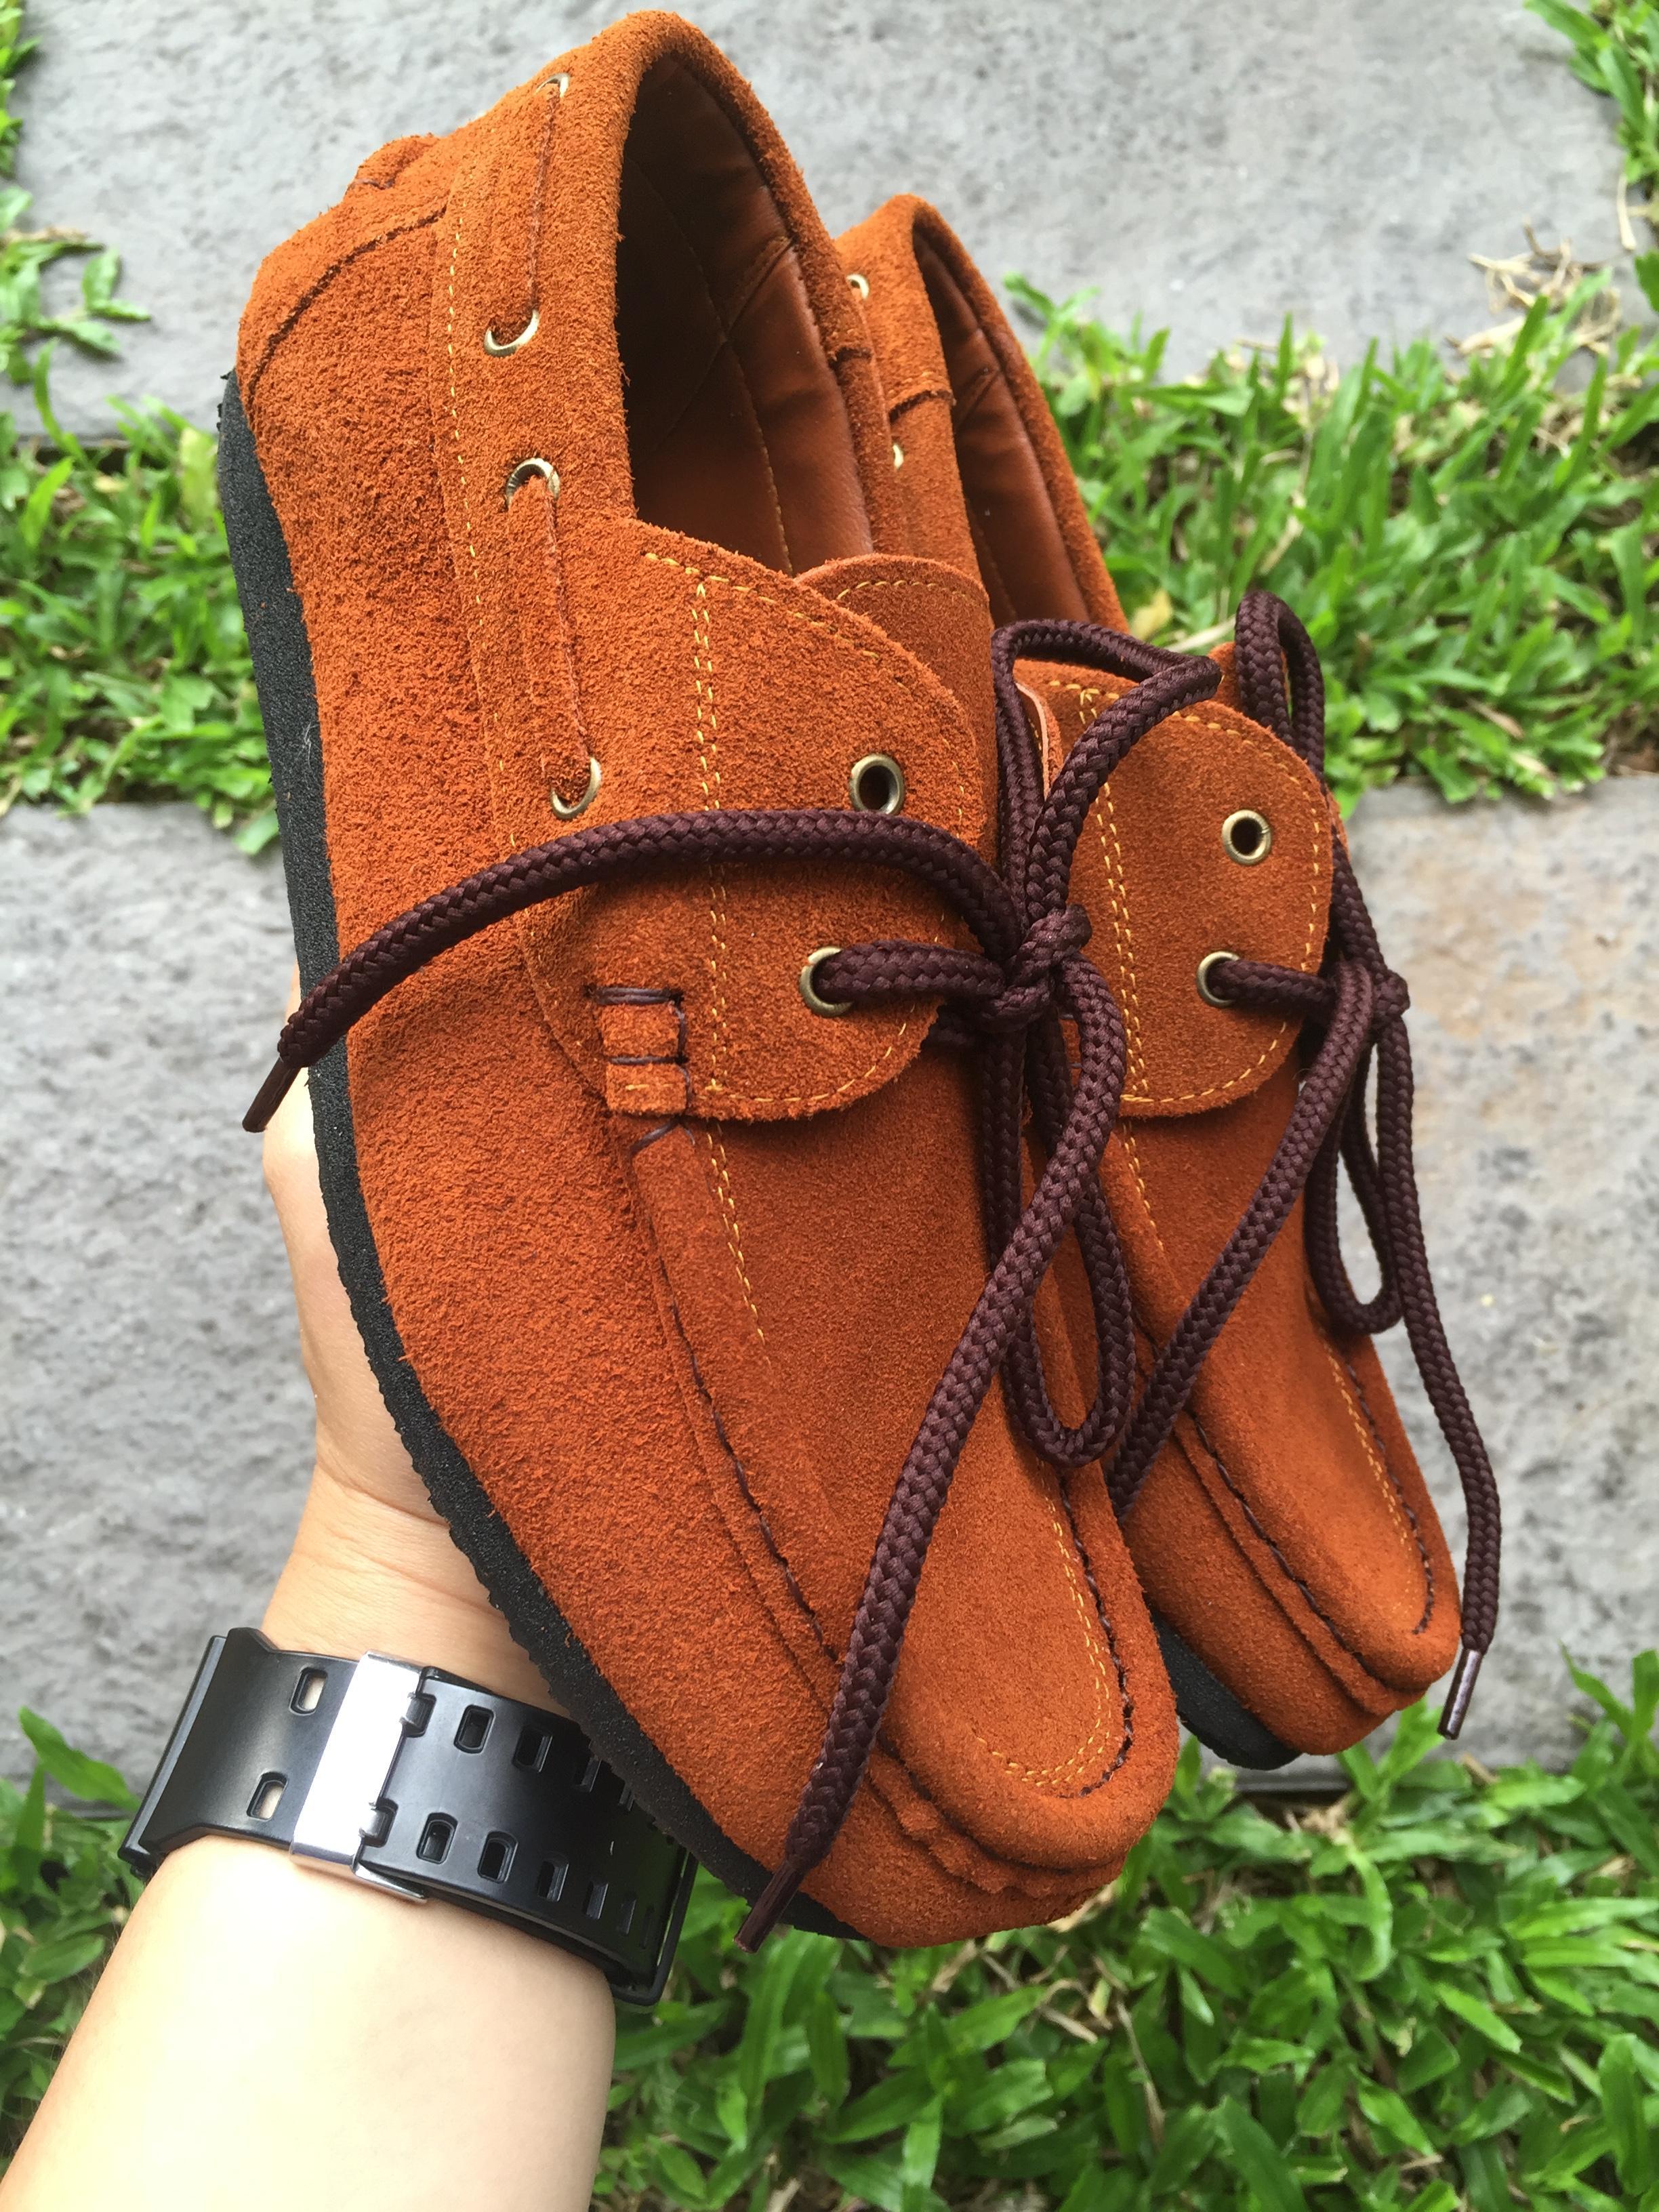 รองเท้าหนังกลับแท้ รุ่นโบทชู สีน้ำตาลอ่อน